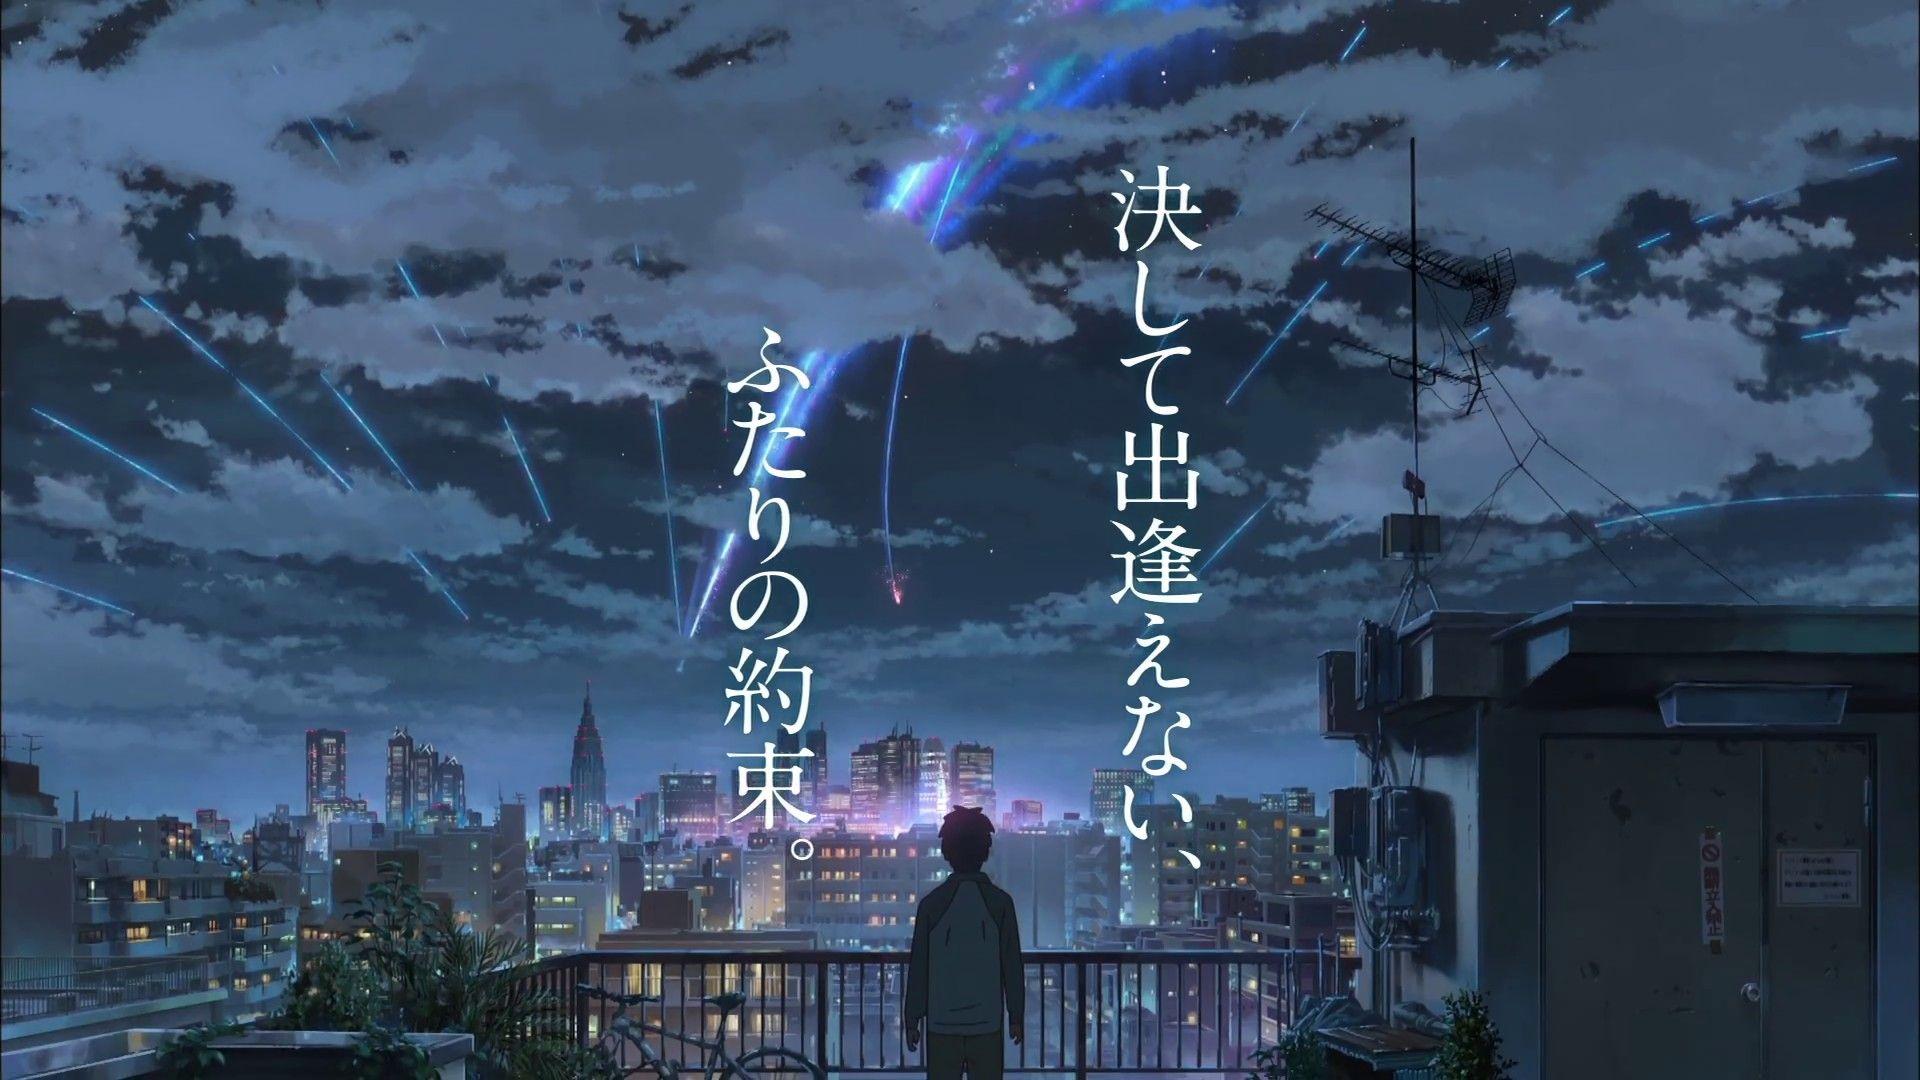 kimi no na wa wallpaper 1920x1080 4k Cenário anime